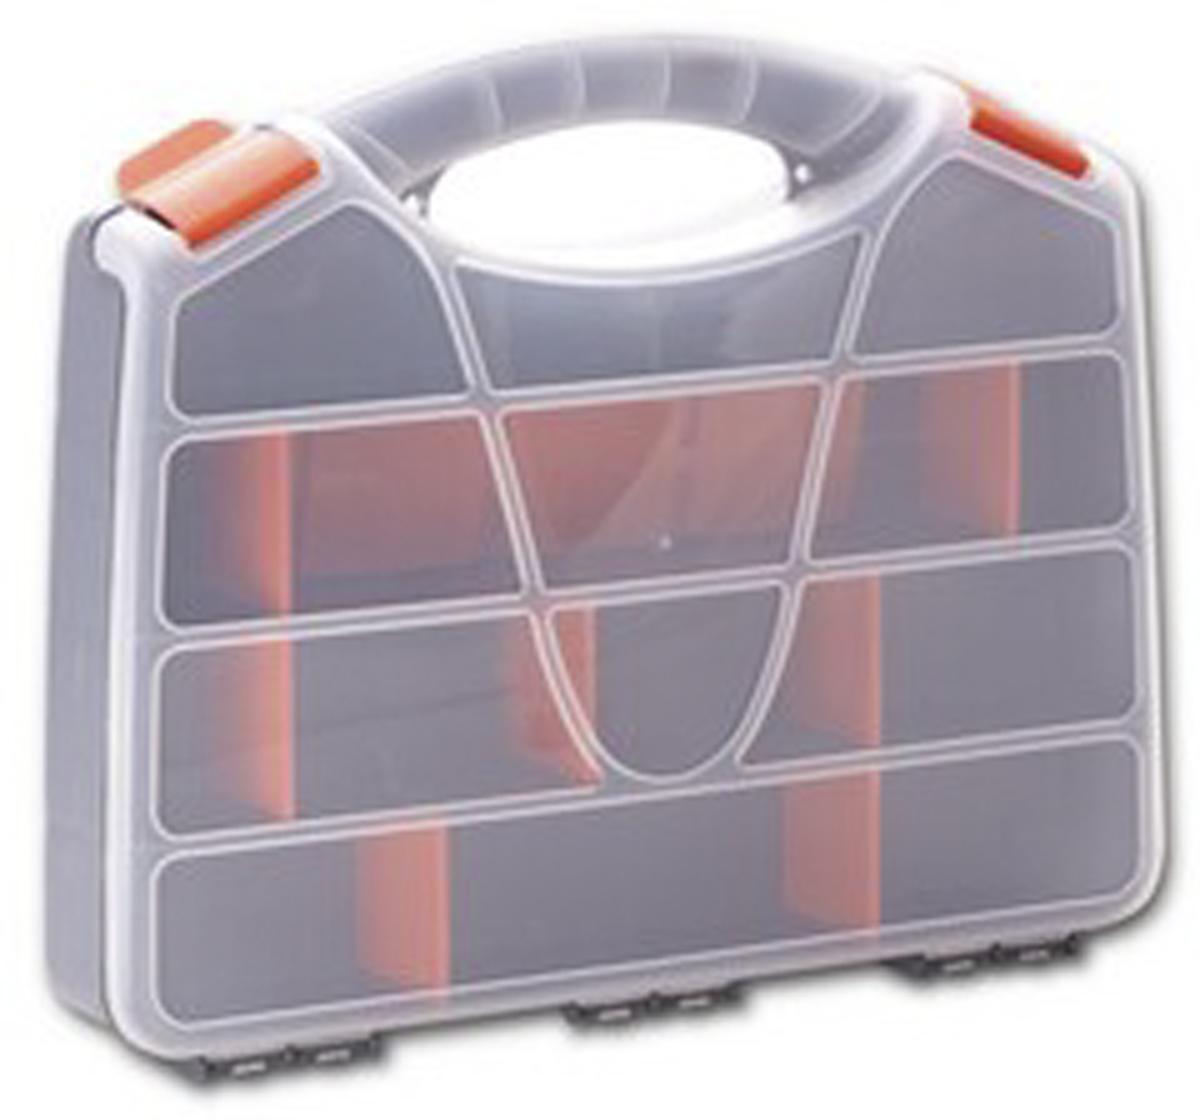 Органайзер для инструментов Blocker Profi, цвет: серый, оранжевый, 32 х 26 х 5,5 см98298130Удобный органайзер Blocker Profi предназначен дляпереноски и хранения инструментов. Изделие выполненоиз высококачественного полипропилена. Прозрачная крышка, небольшой размер ипродуманная эргономика делают хранение любыхмелочей простым и эффективным. Надежные замкипредохраняют от случайного открытия. Съемныеразделители позволяют организовать пространство всоответствии с вашими пожеланиями.